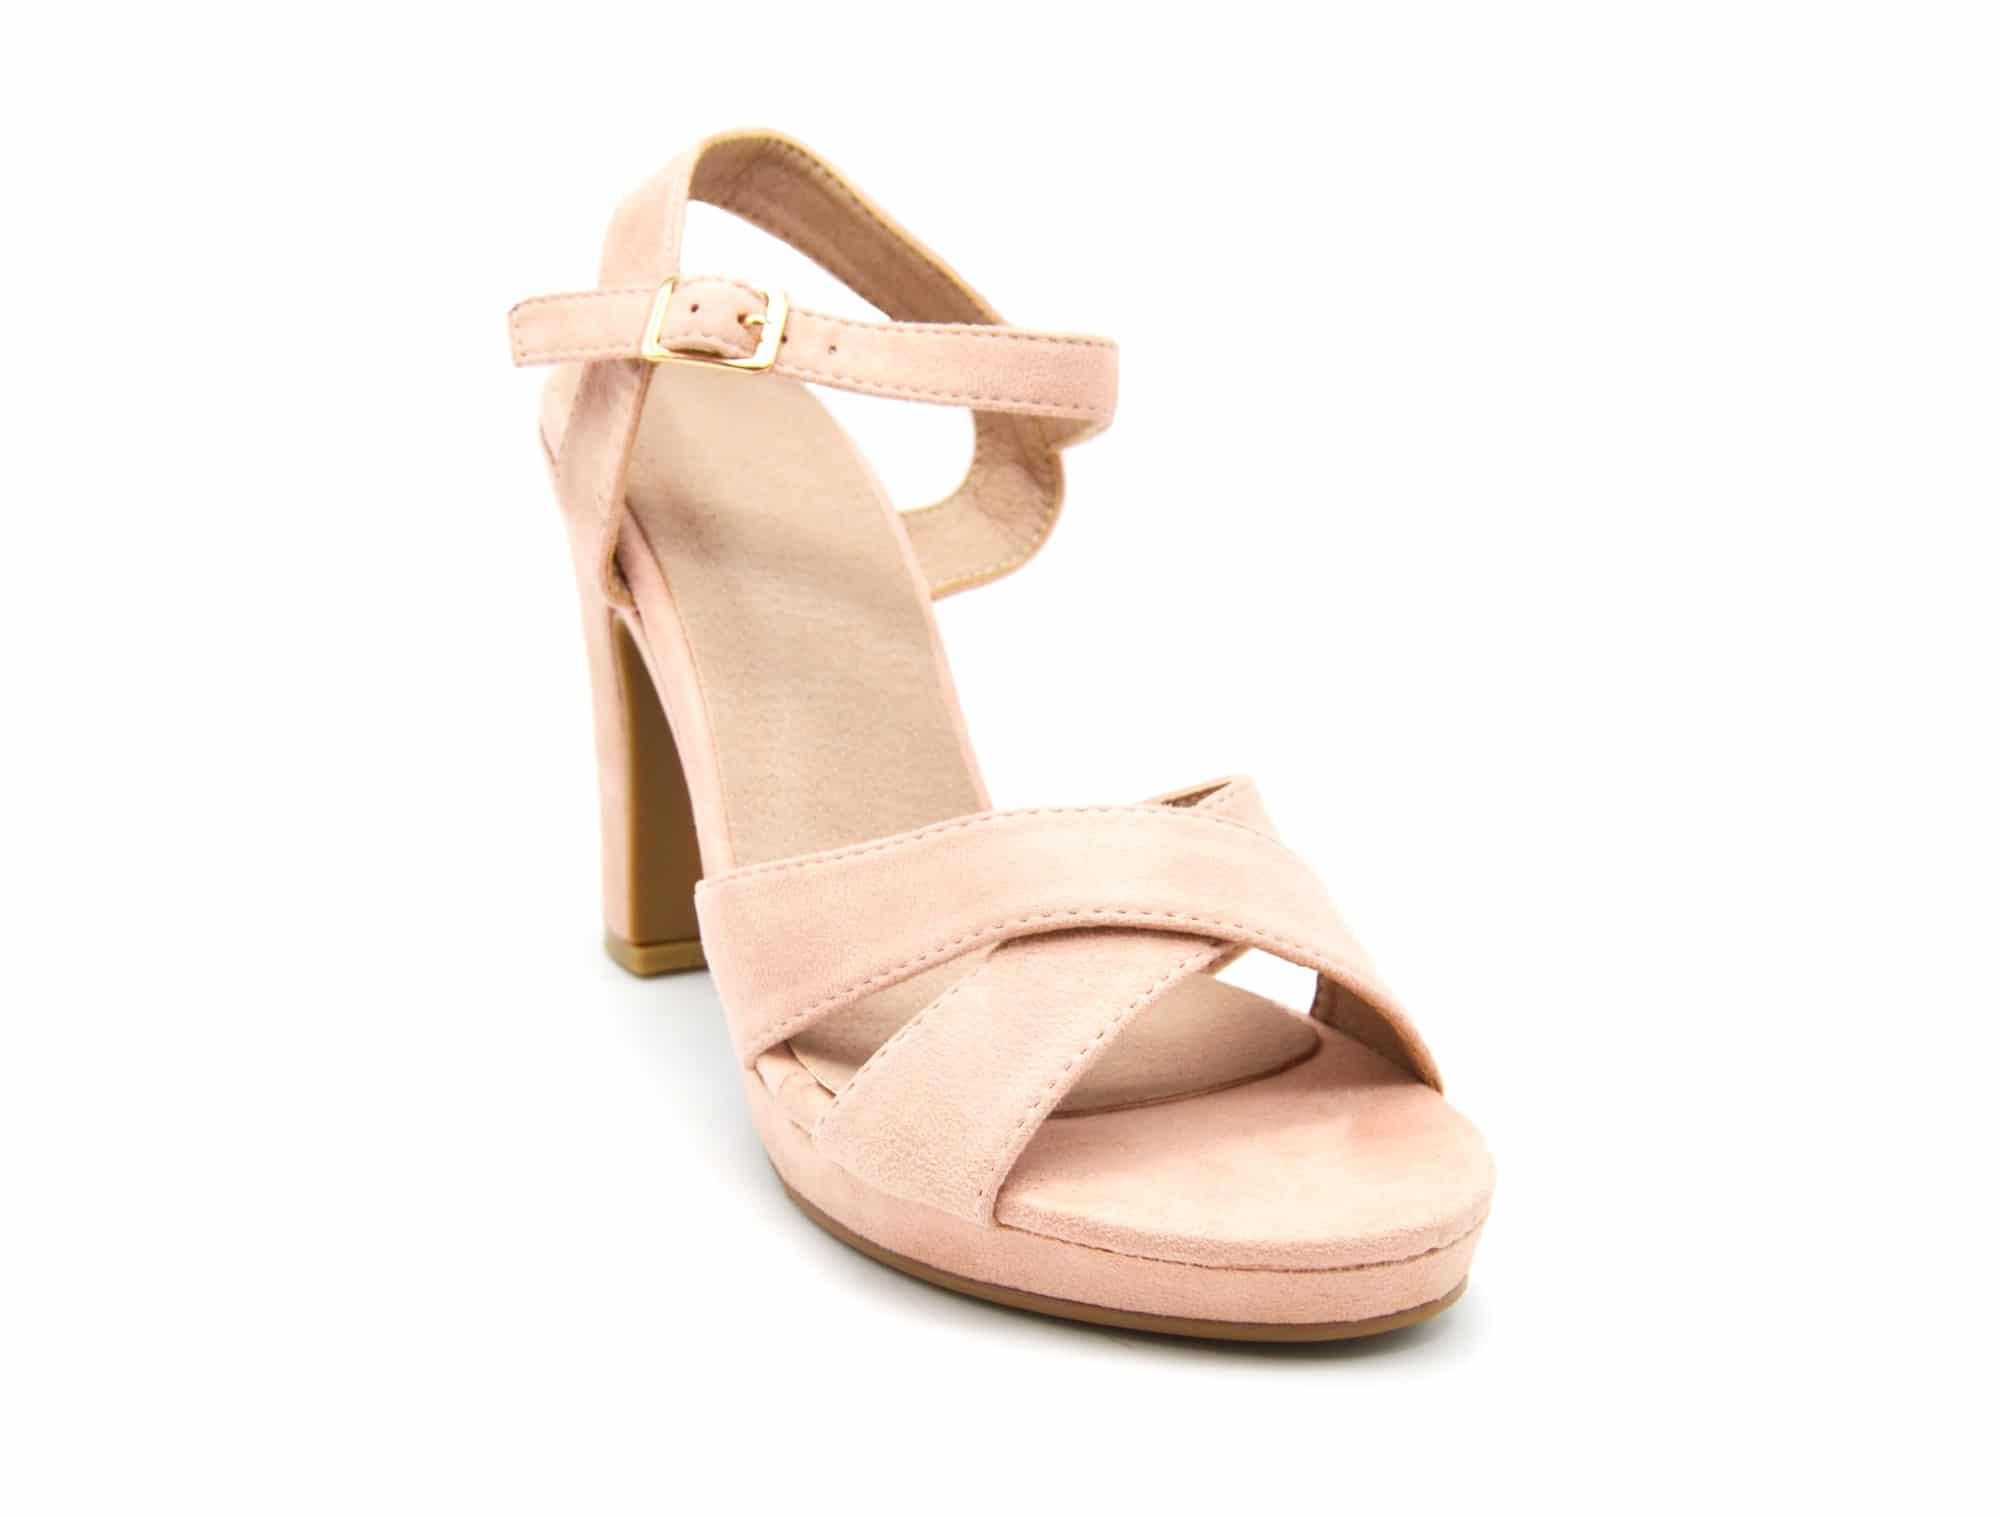 sht40 sandales talon carr effet daim rose avec brides crois es et boucle oh my shop. Black Bedroom Furniture Sets. Home Design Ideas